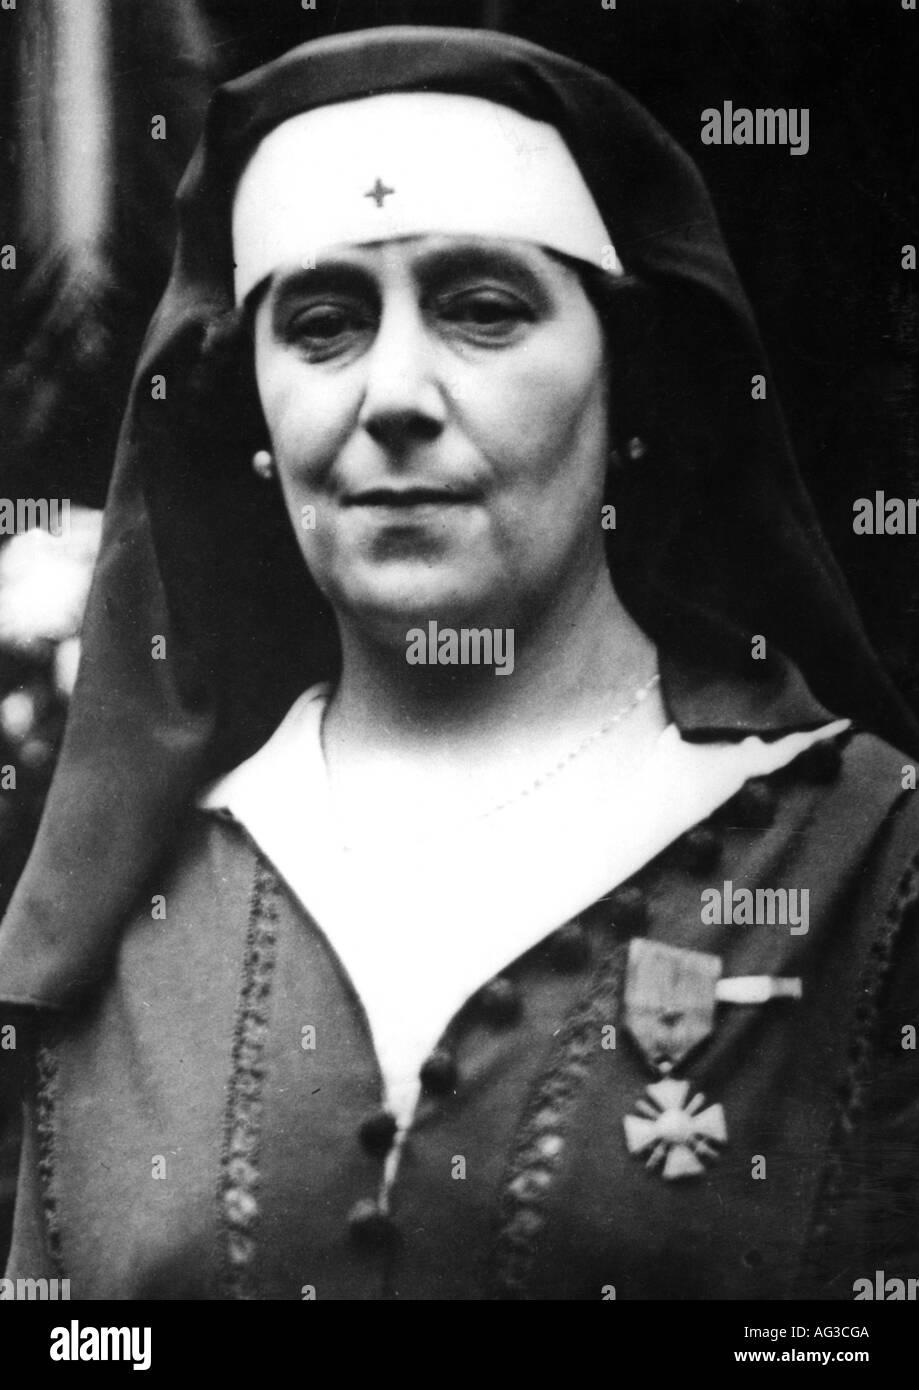 La Baronne de ROTHSCHILD, Mathilde, 1872 - 1926, comme infirmière pendant la Première Guerre mondiale 1914 - 1918, nom de naissance Mathilde Weissweiller, service médical, France, 20e siècle, , Additional-Rights-Jeux-NA Photo Stock